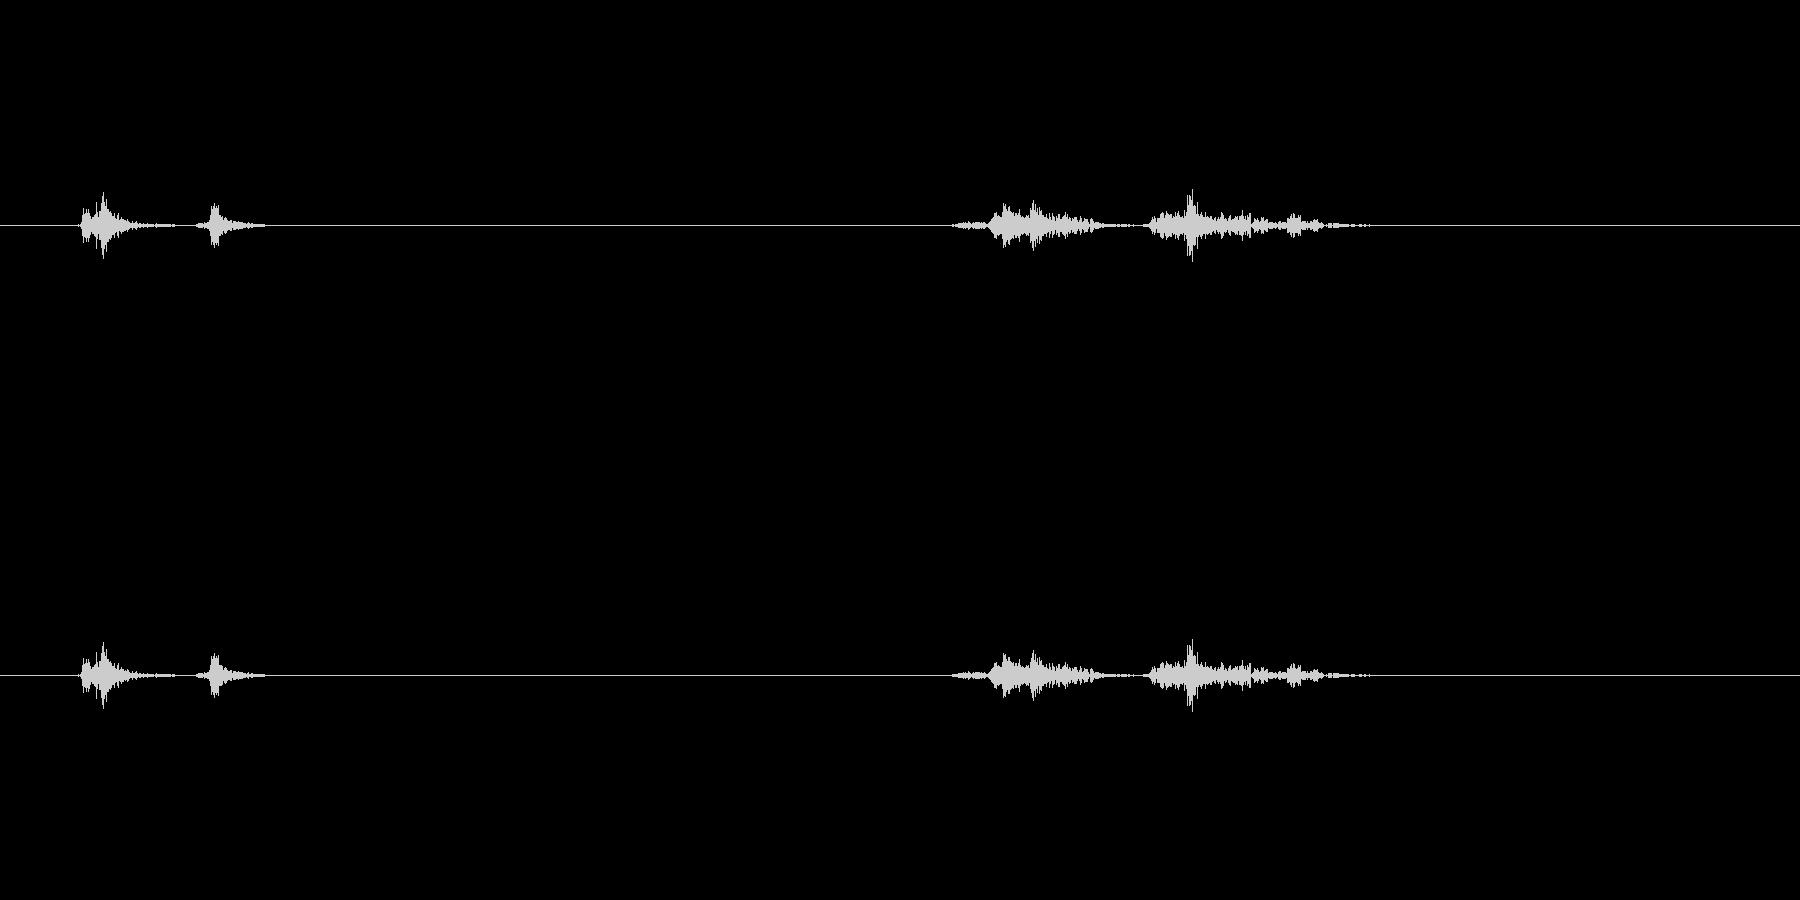 【プリンター01-off】の未再生の波形